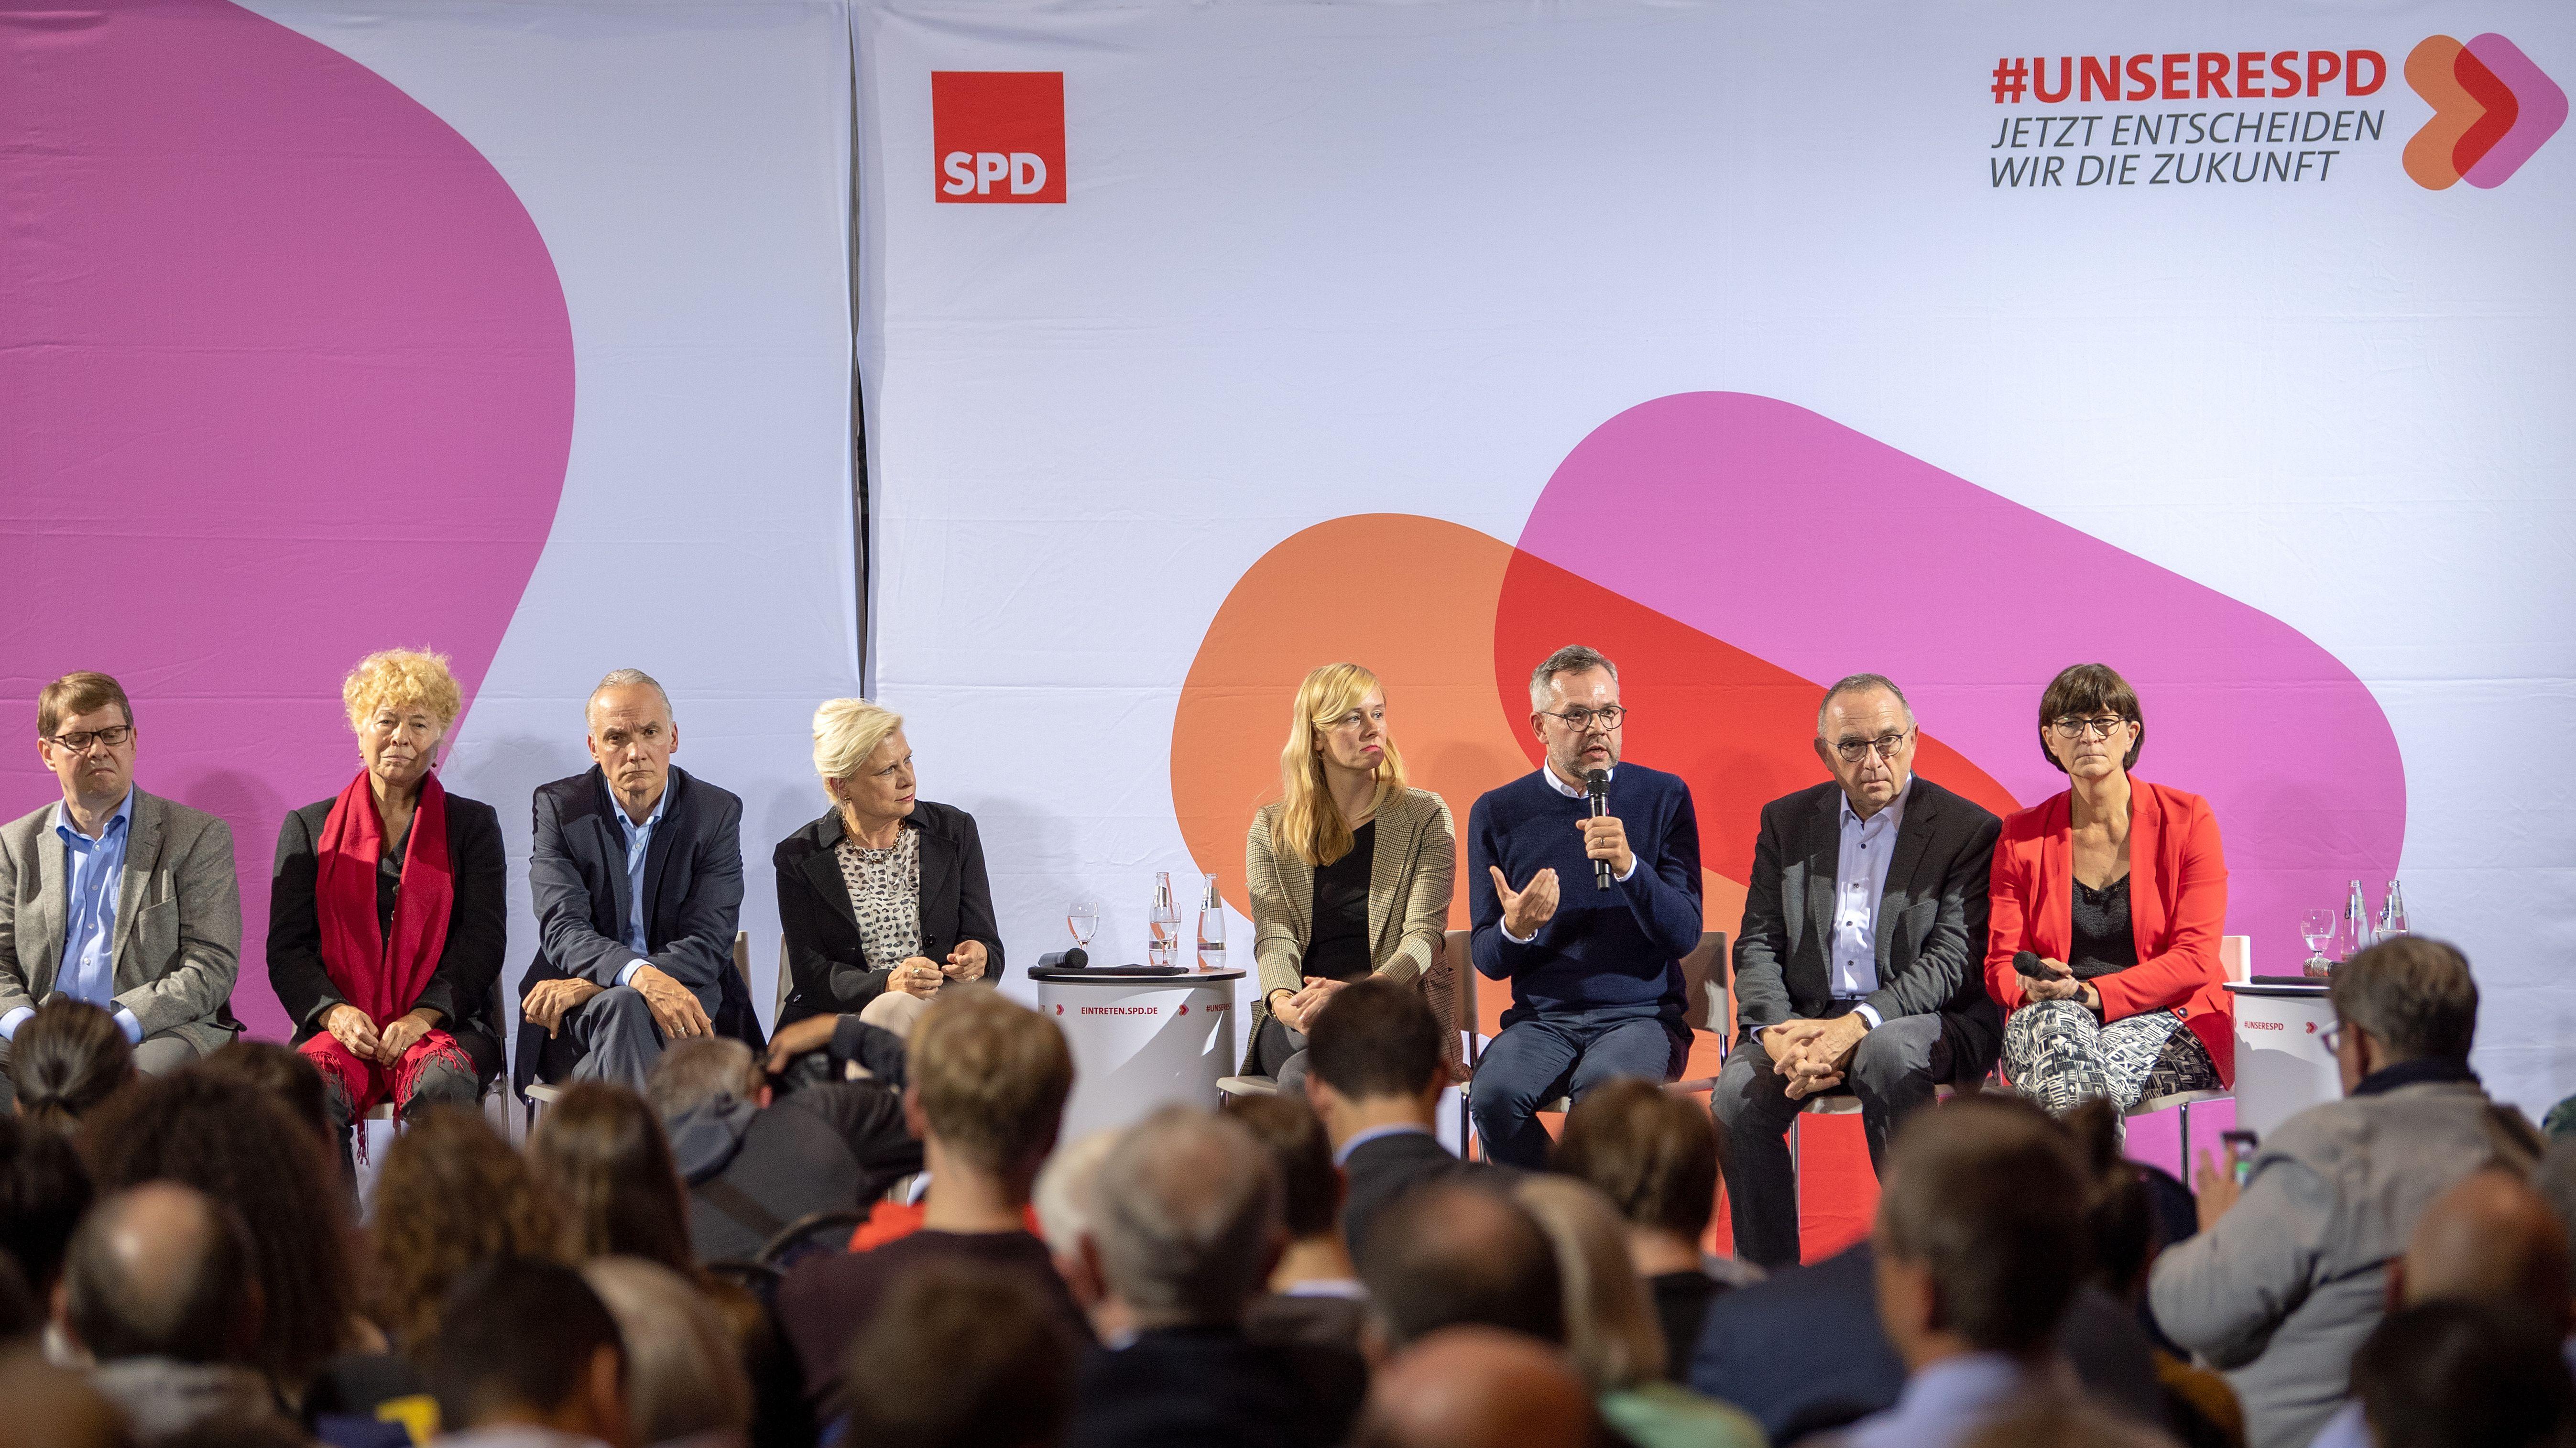 Die Kandidaten-Duos für den SPD-Bundesvorsitz von links nach rechts: Ralf Stegner und Gesine Schwan, Dierk Hirschel und Hilde Mattheis, Christina Kampmann und Michael Roth sowie Norbert Walter-Borjans und Saskia Esken.